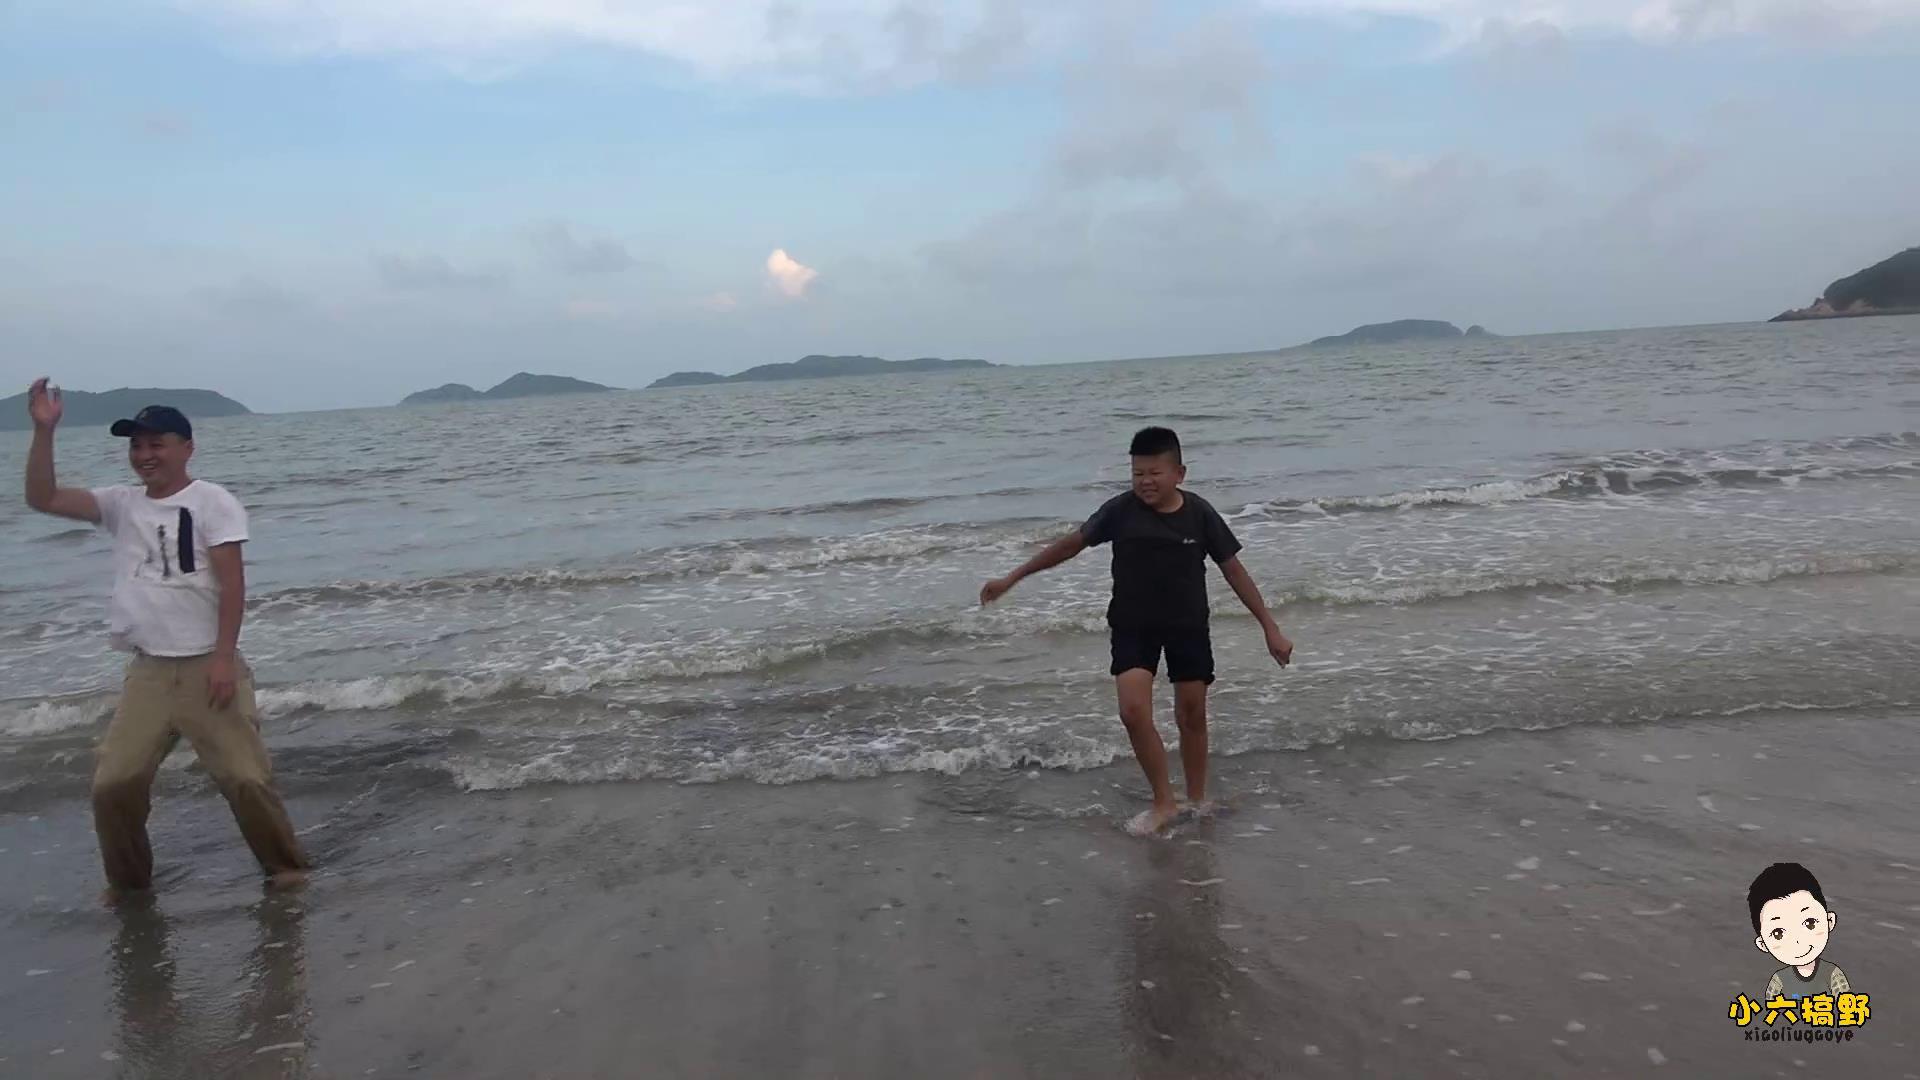 海滩上的欢乐时光,小六边玩边挖海货,四哥高兴到跳起了海草舞